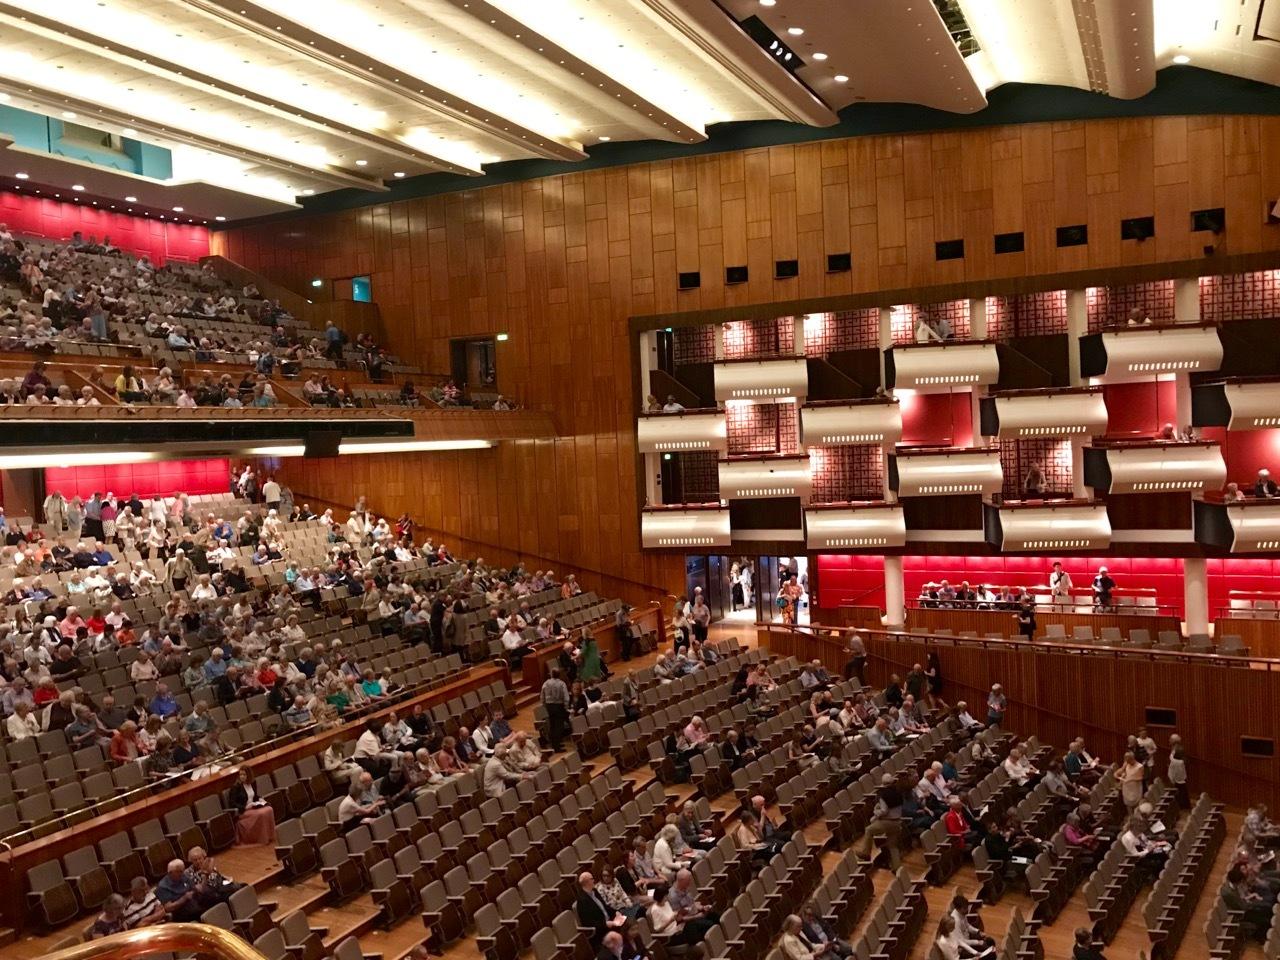 ボックス席でニコラ・ベネディッティのヴァイオリンを楽しむ♪_e0114020_17554641.jpg